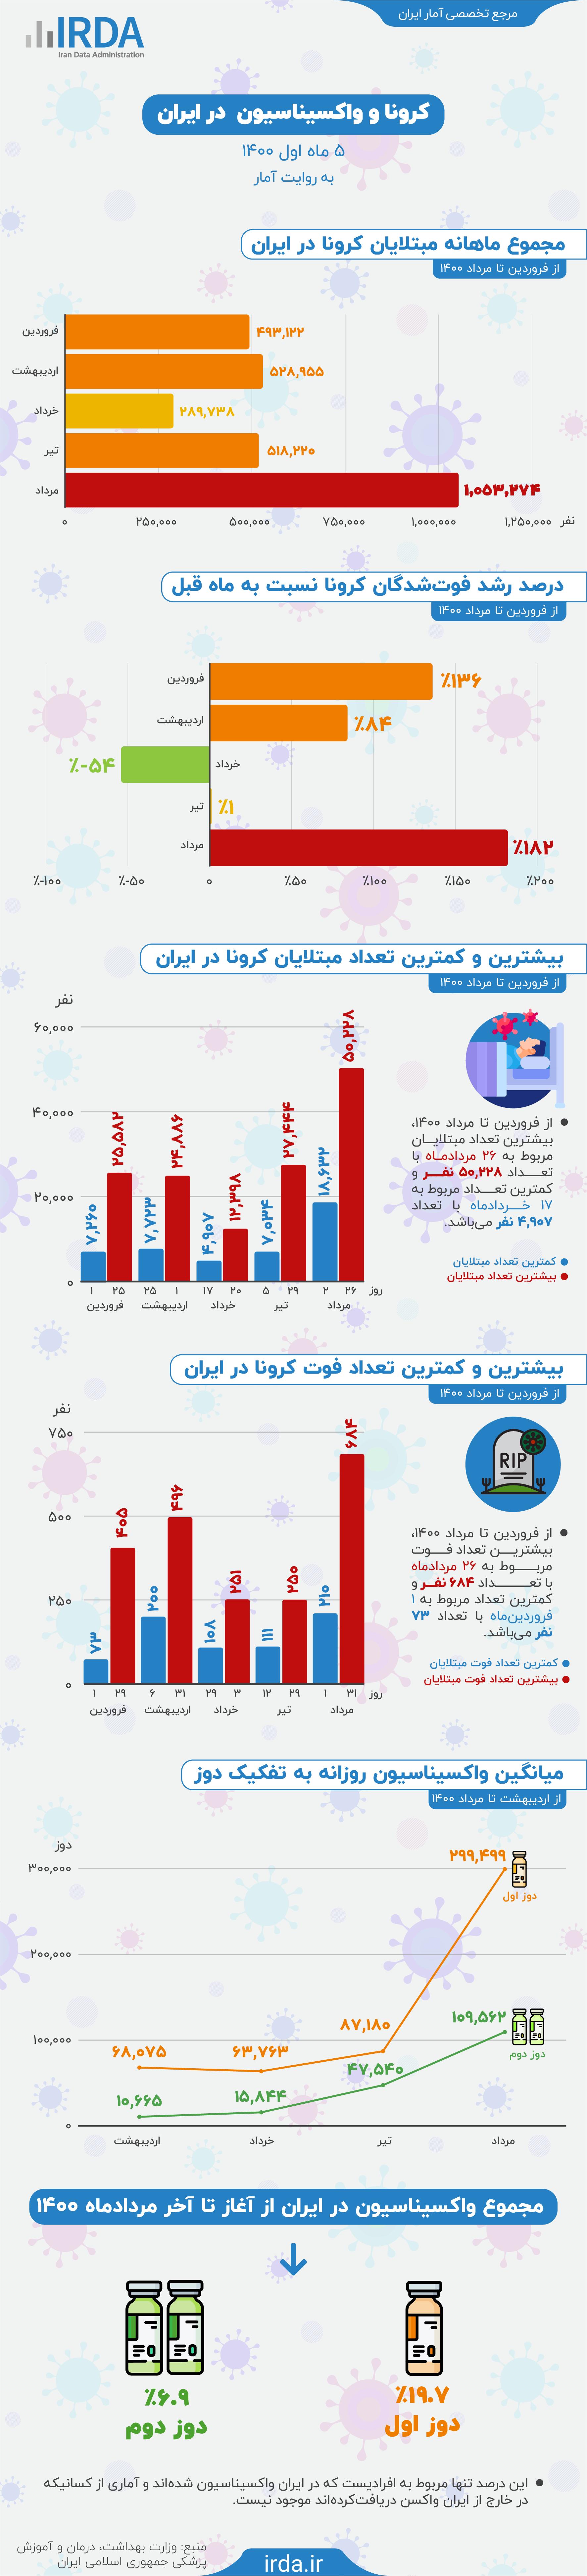 کرونا و واکسیناسیون در ایران به روایت آمار